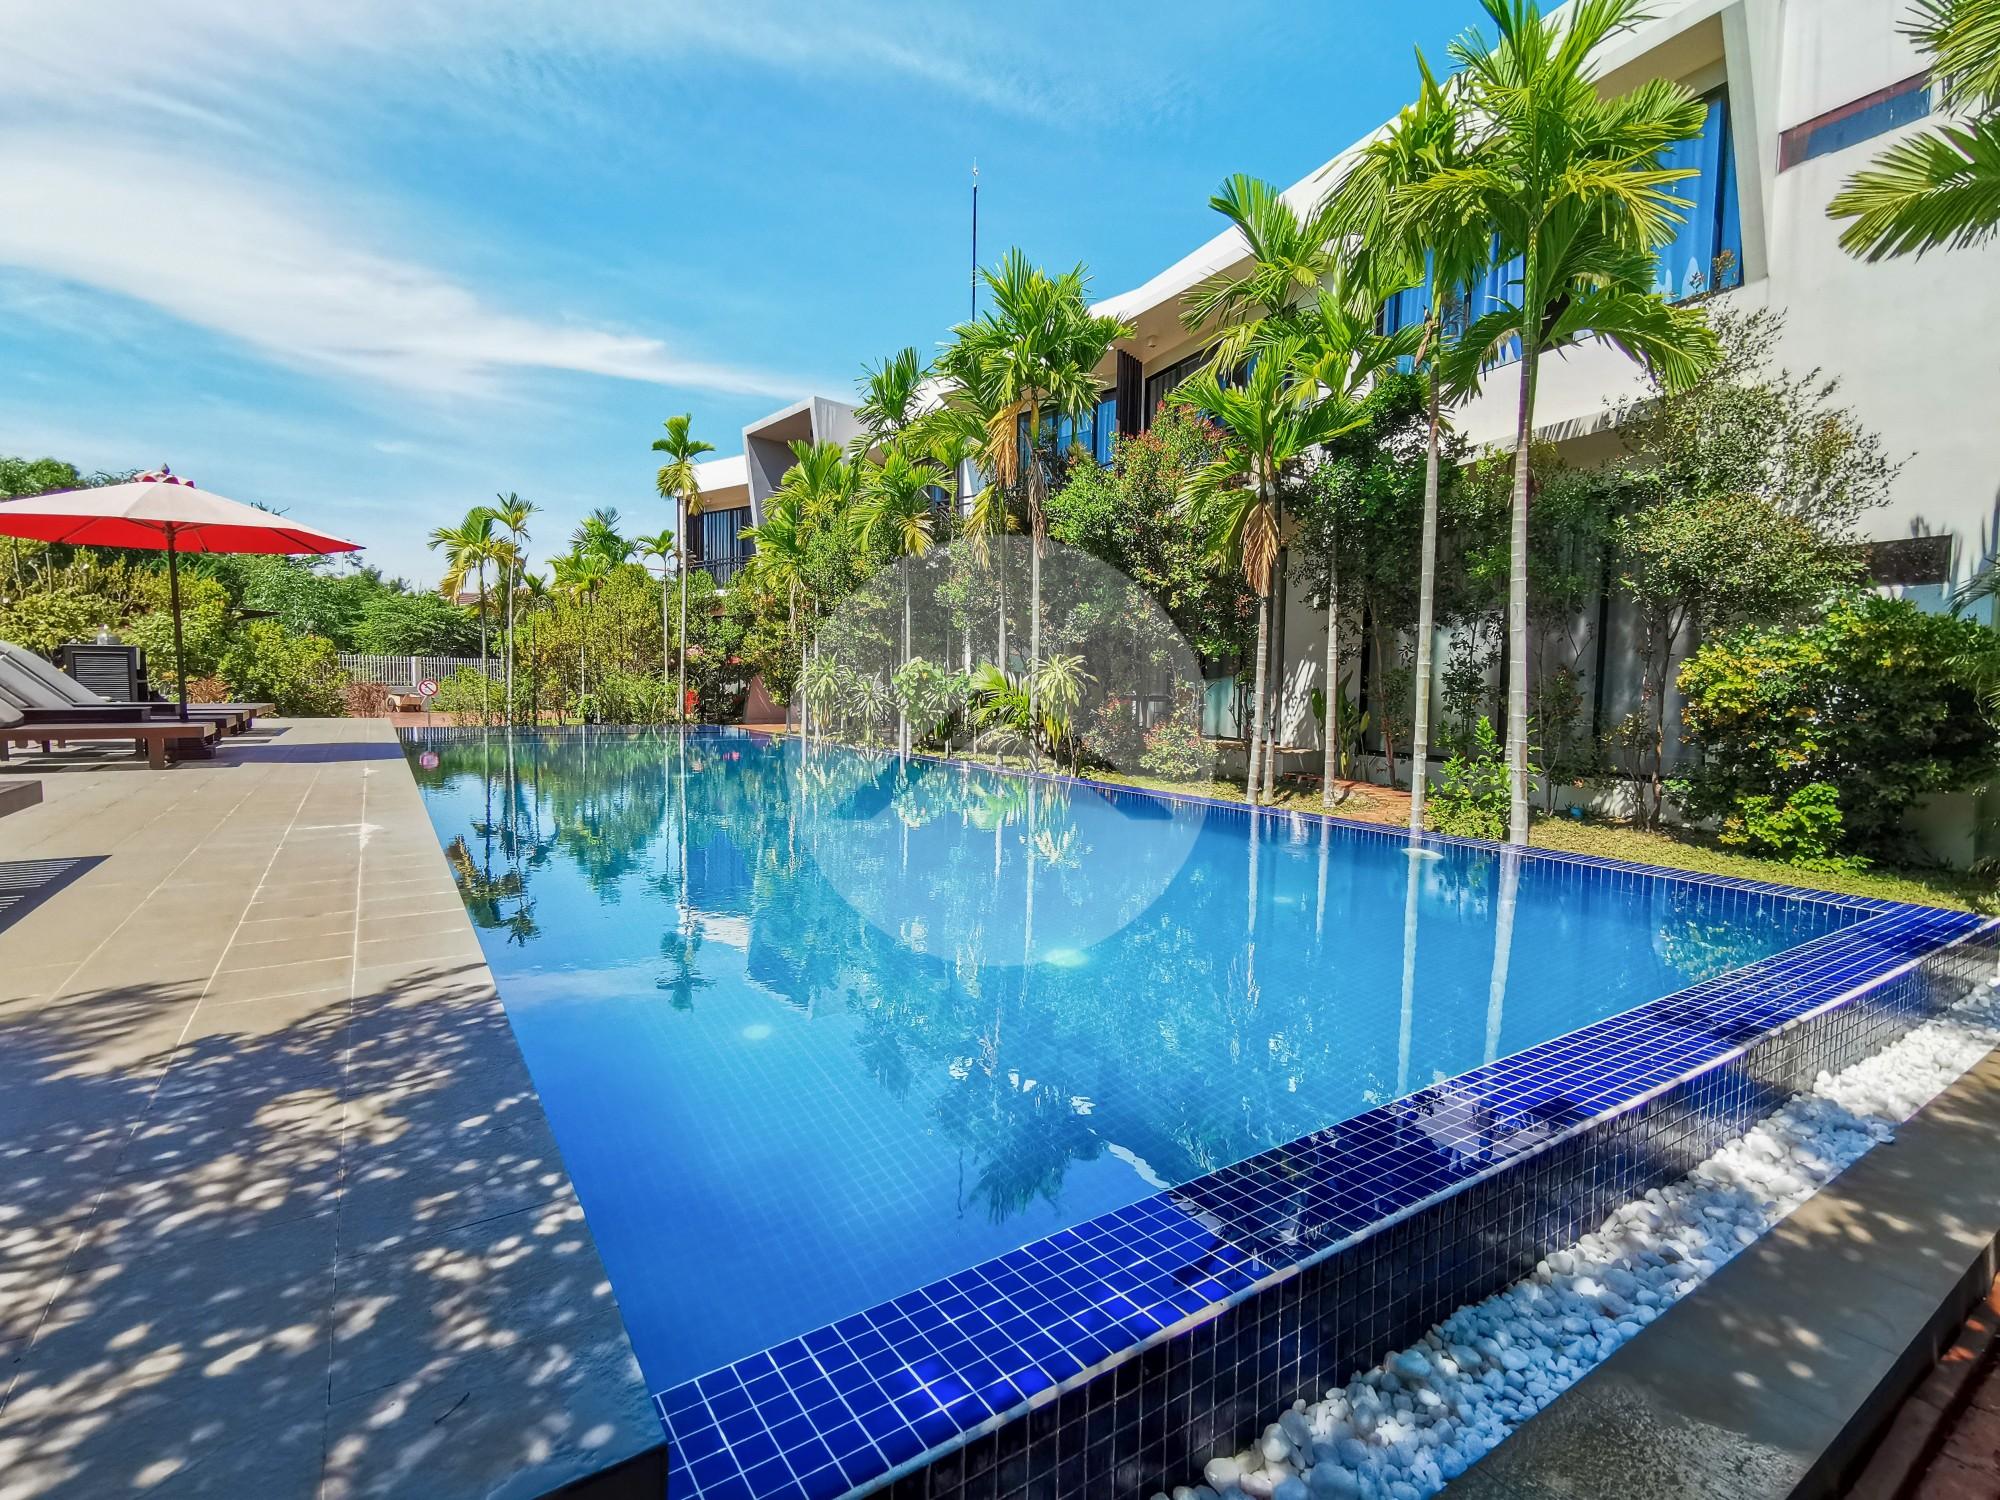 1 Bedroom Apartment For Rent - Apsara Road, Siem Reap